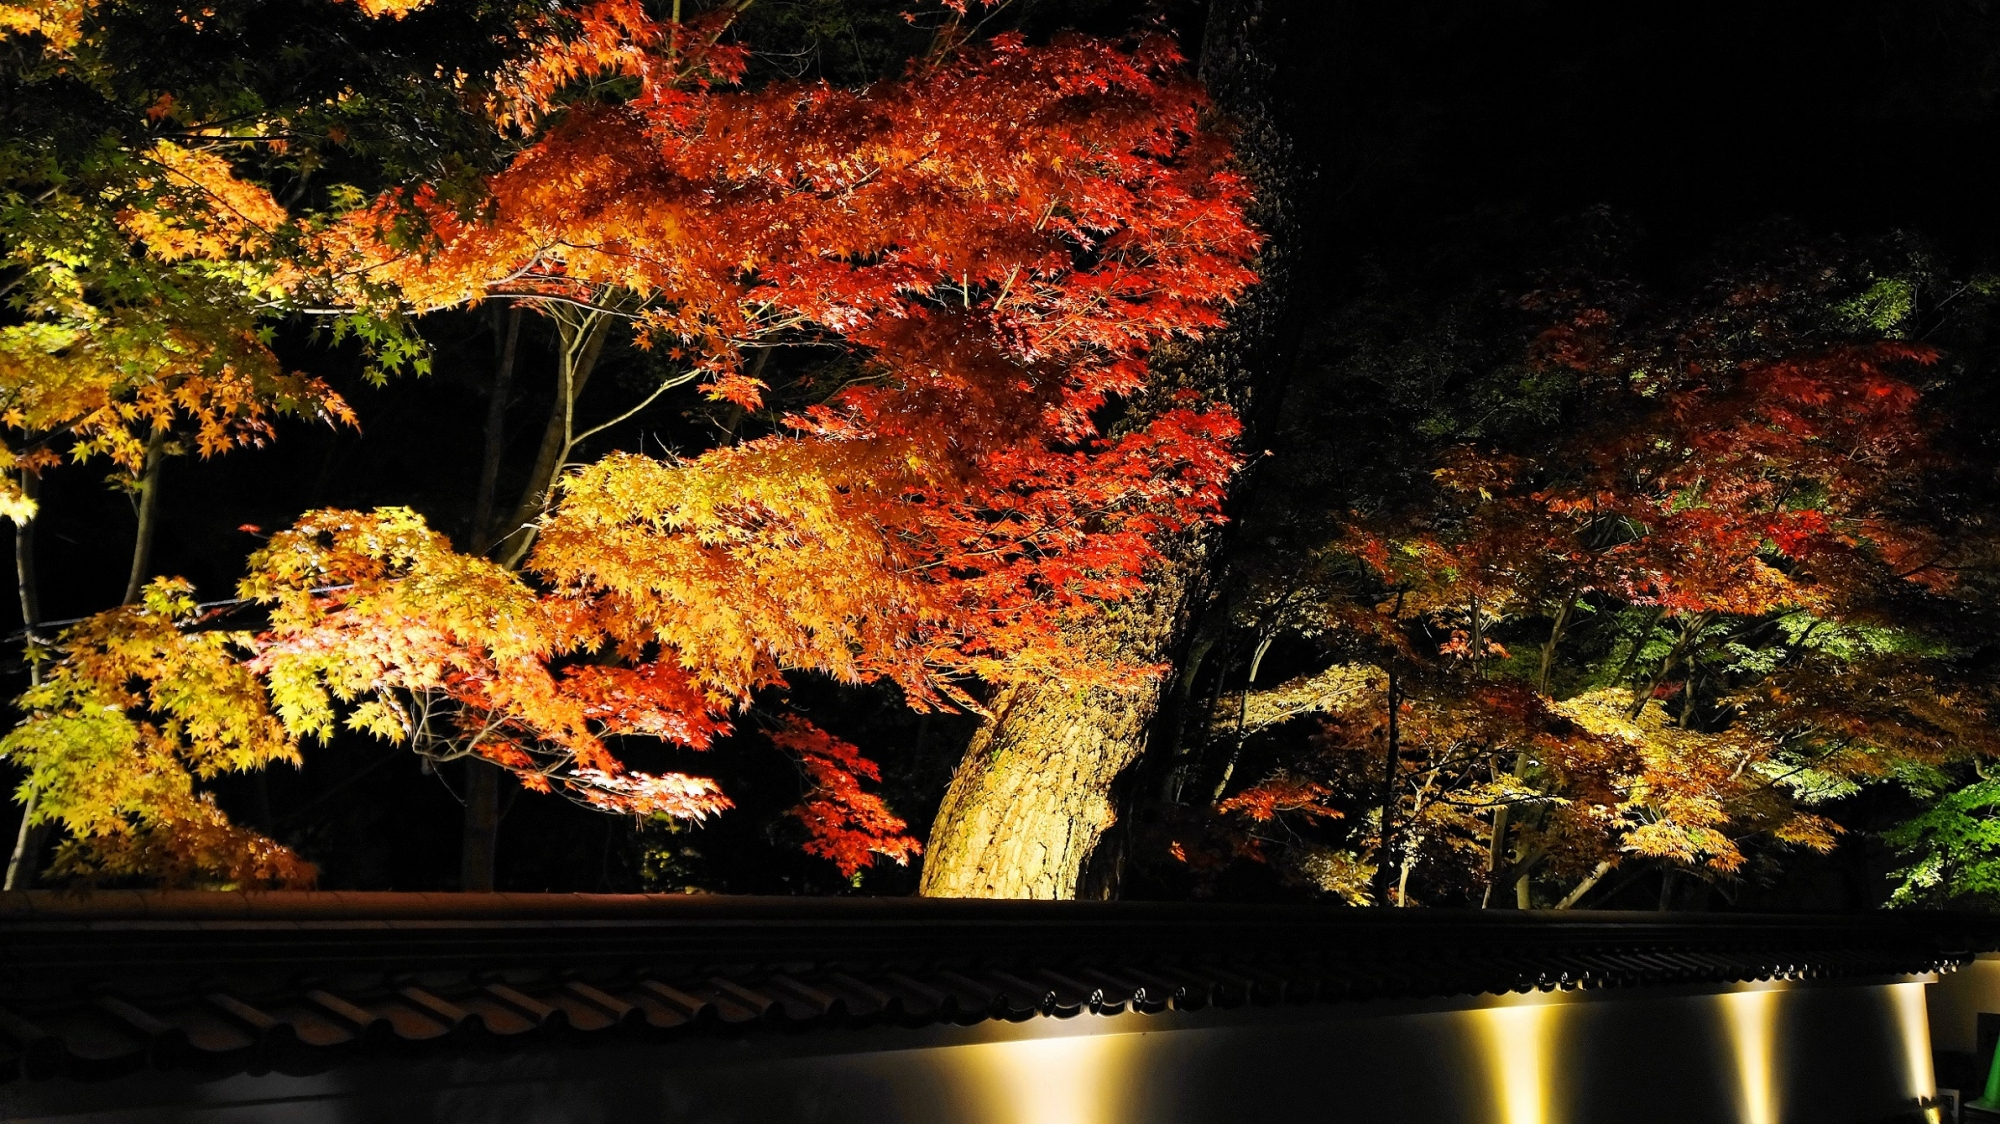 永観堂の総門から中門にかけての紅葉ライトアップ